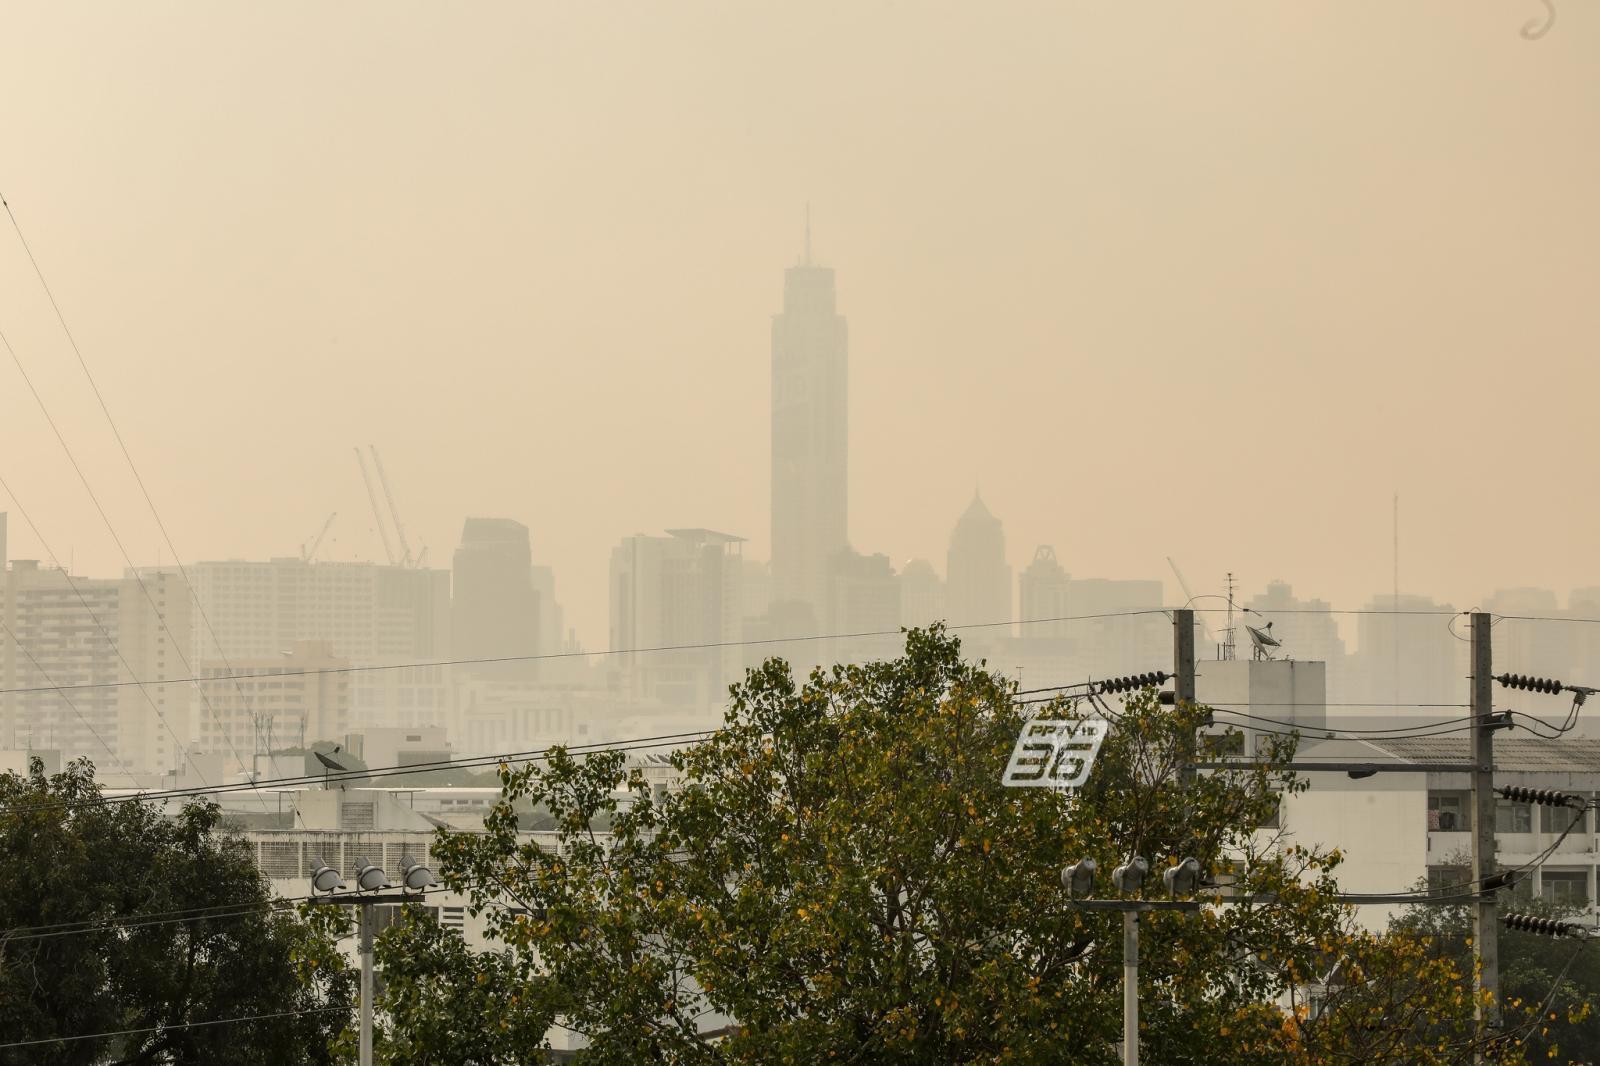 ไทย ฝุ่น PM 2.5 เกินค่ามาตรฐาน 38 พื้นที่ กทม.หนักสุด